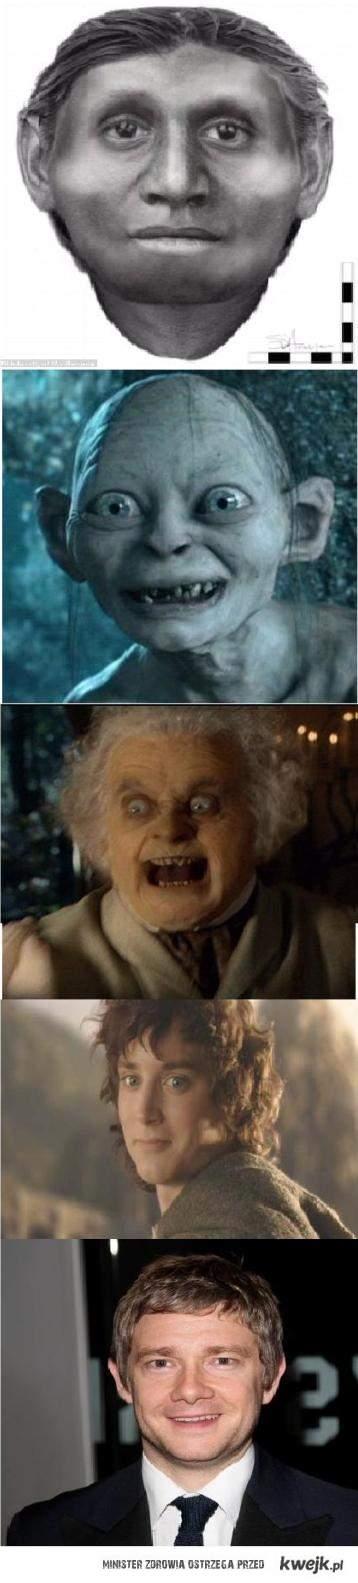 przemiany hobbita